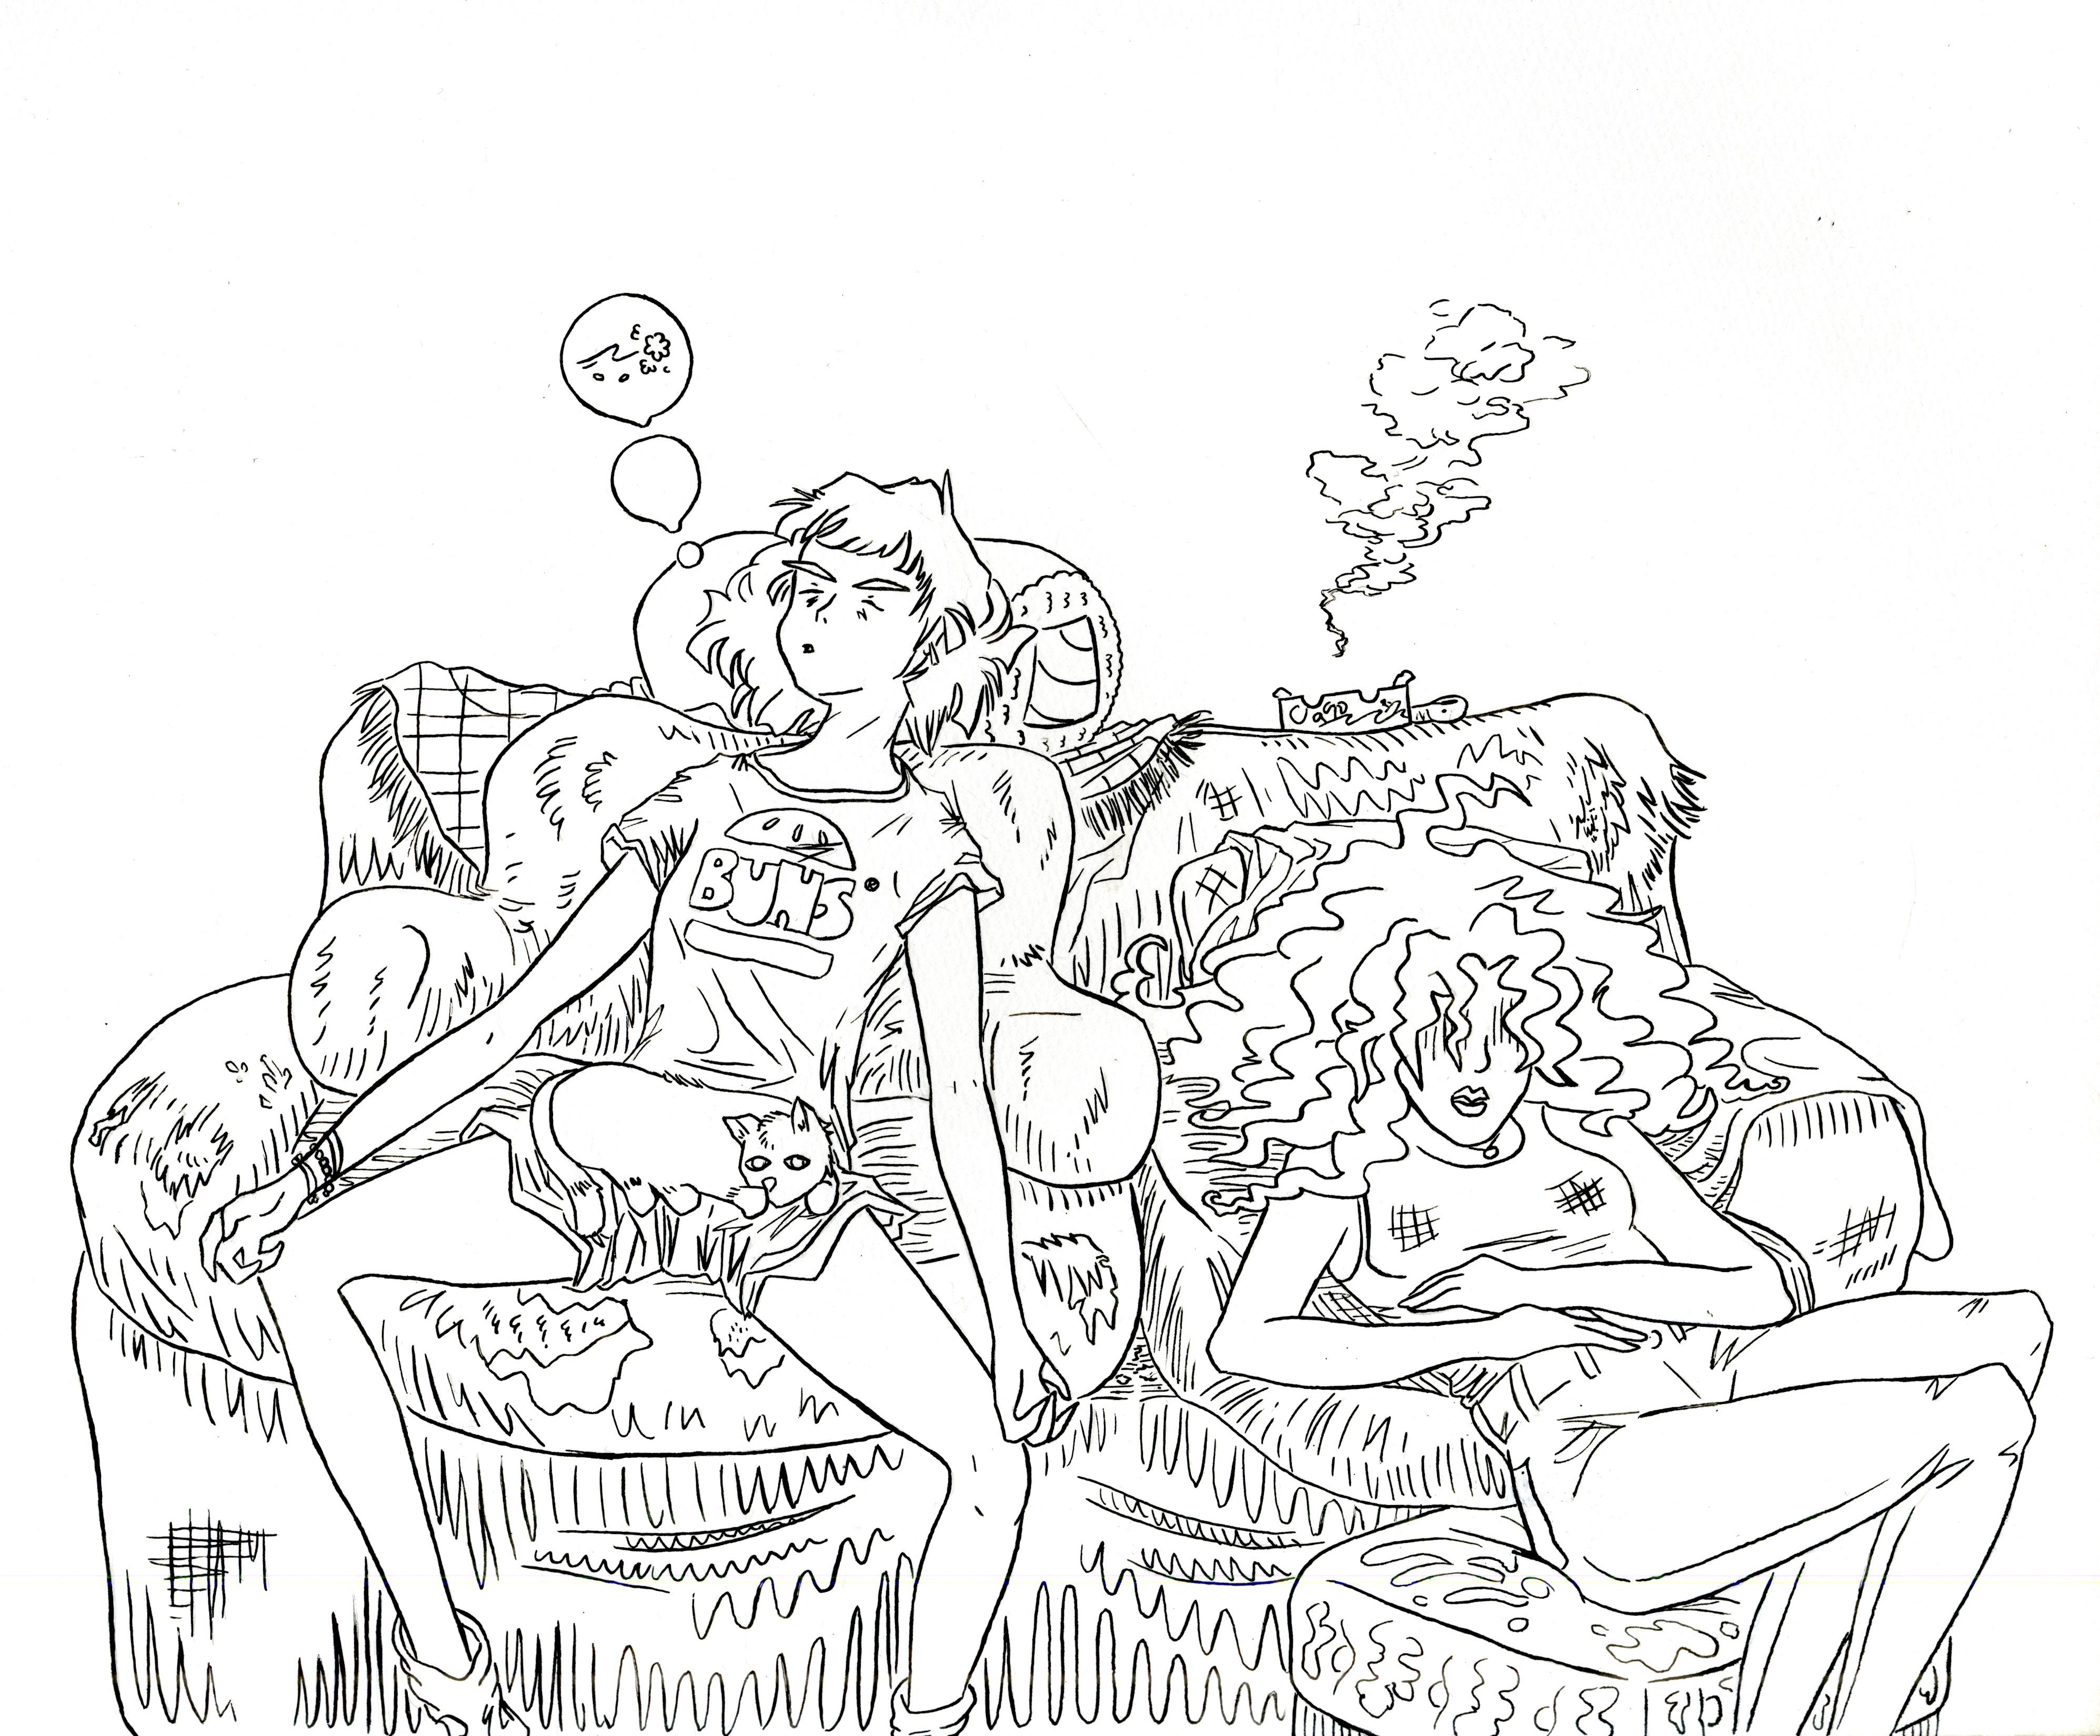 The Long Morning (line art)